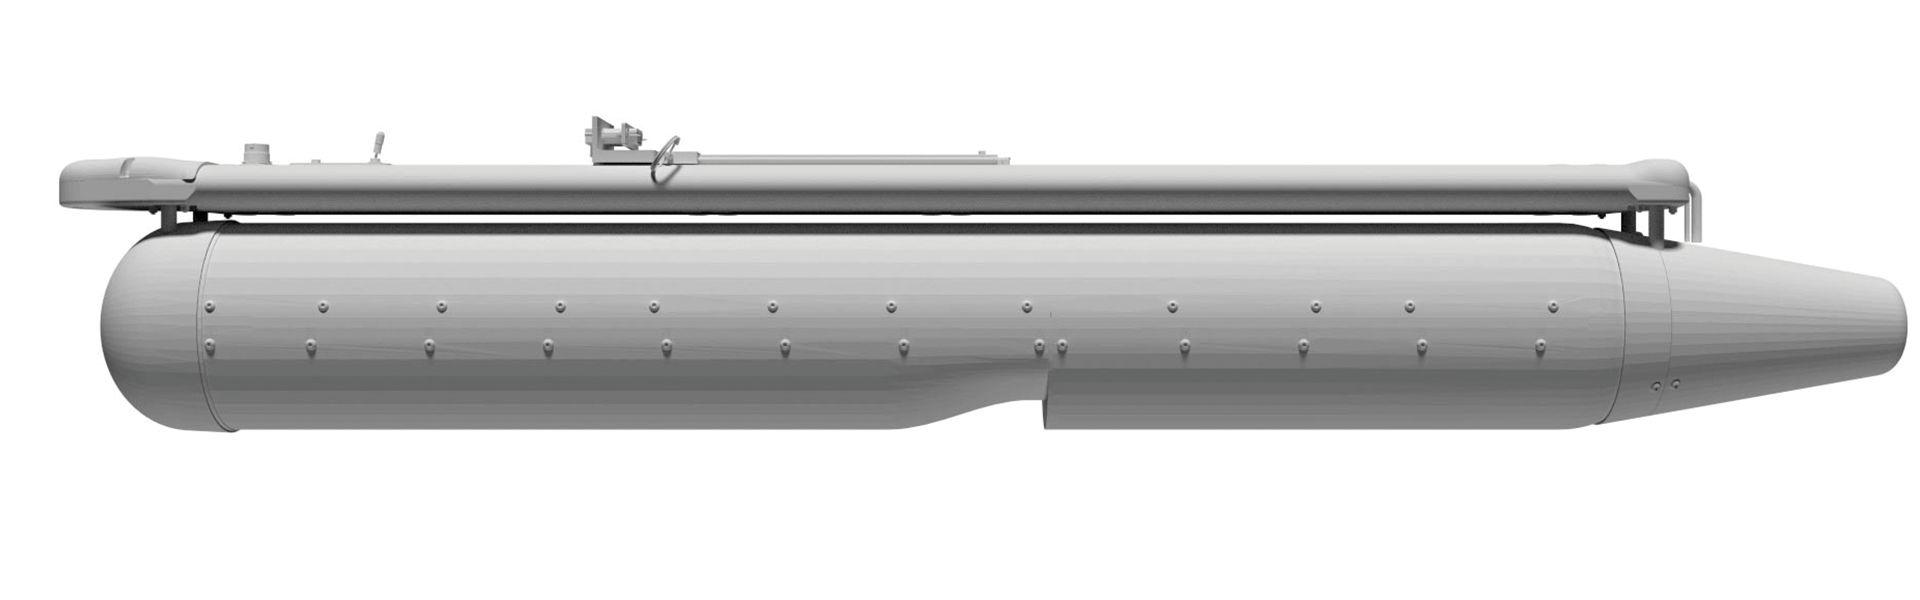 nsp-5-ku